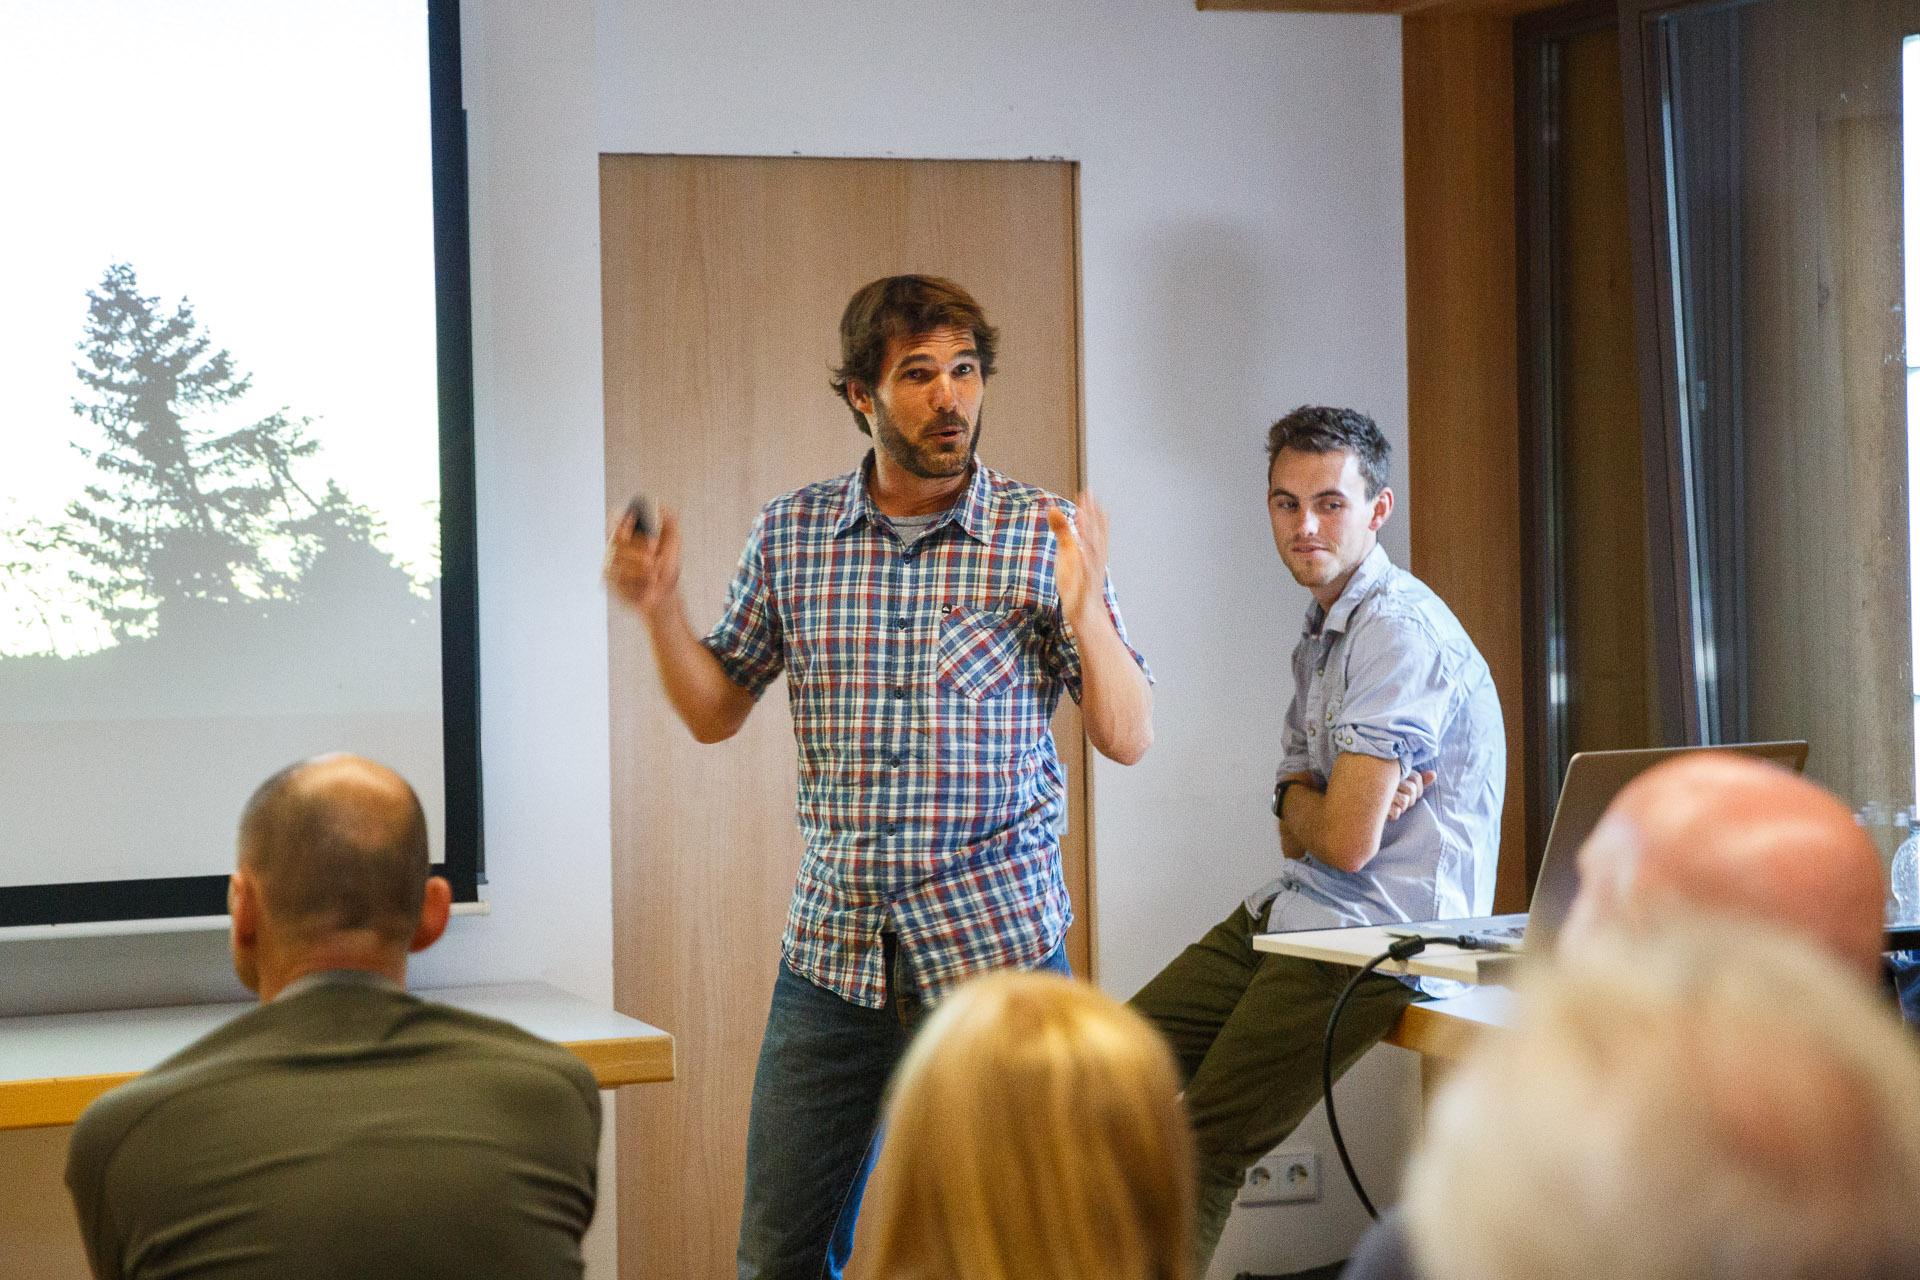 David und Simon geben einen Überblick zur Entstehung des Film- und Fotoprojekts Abenteuer Schwarzwald.